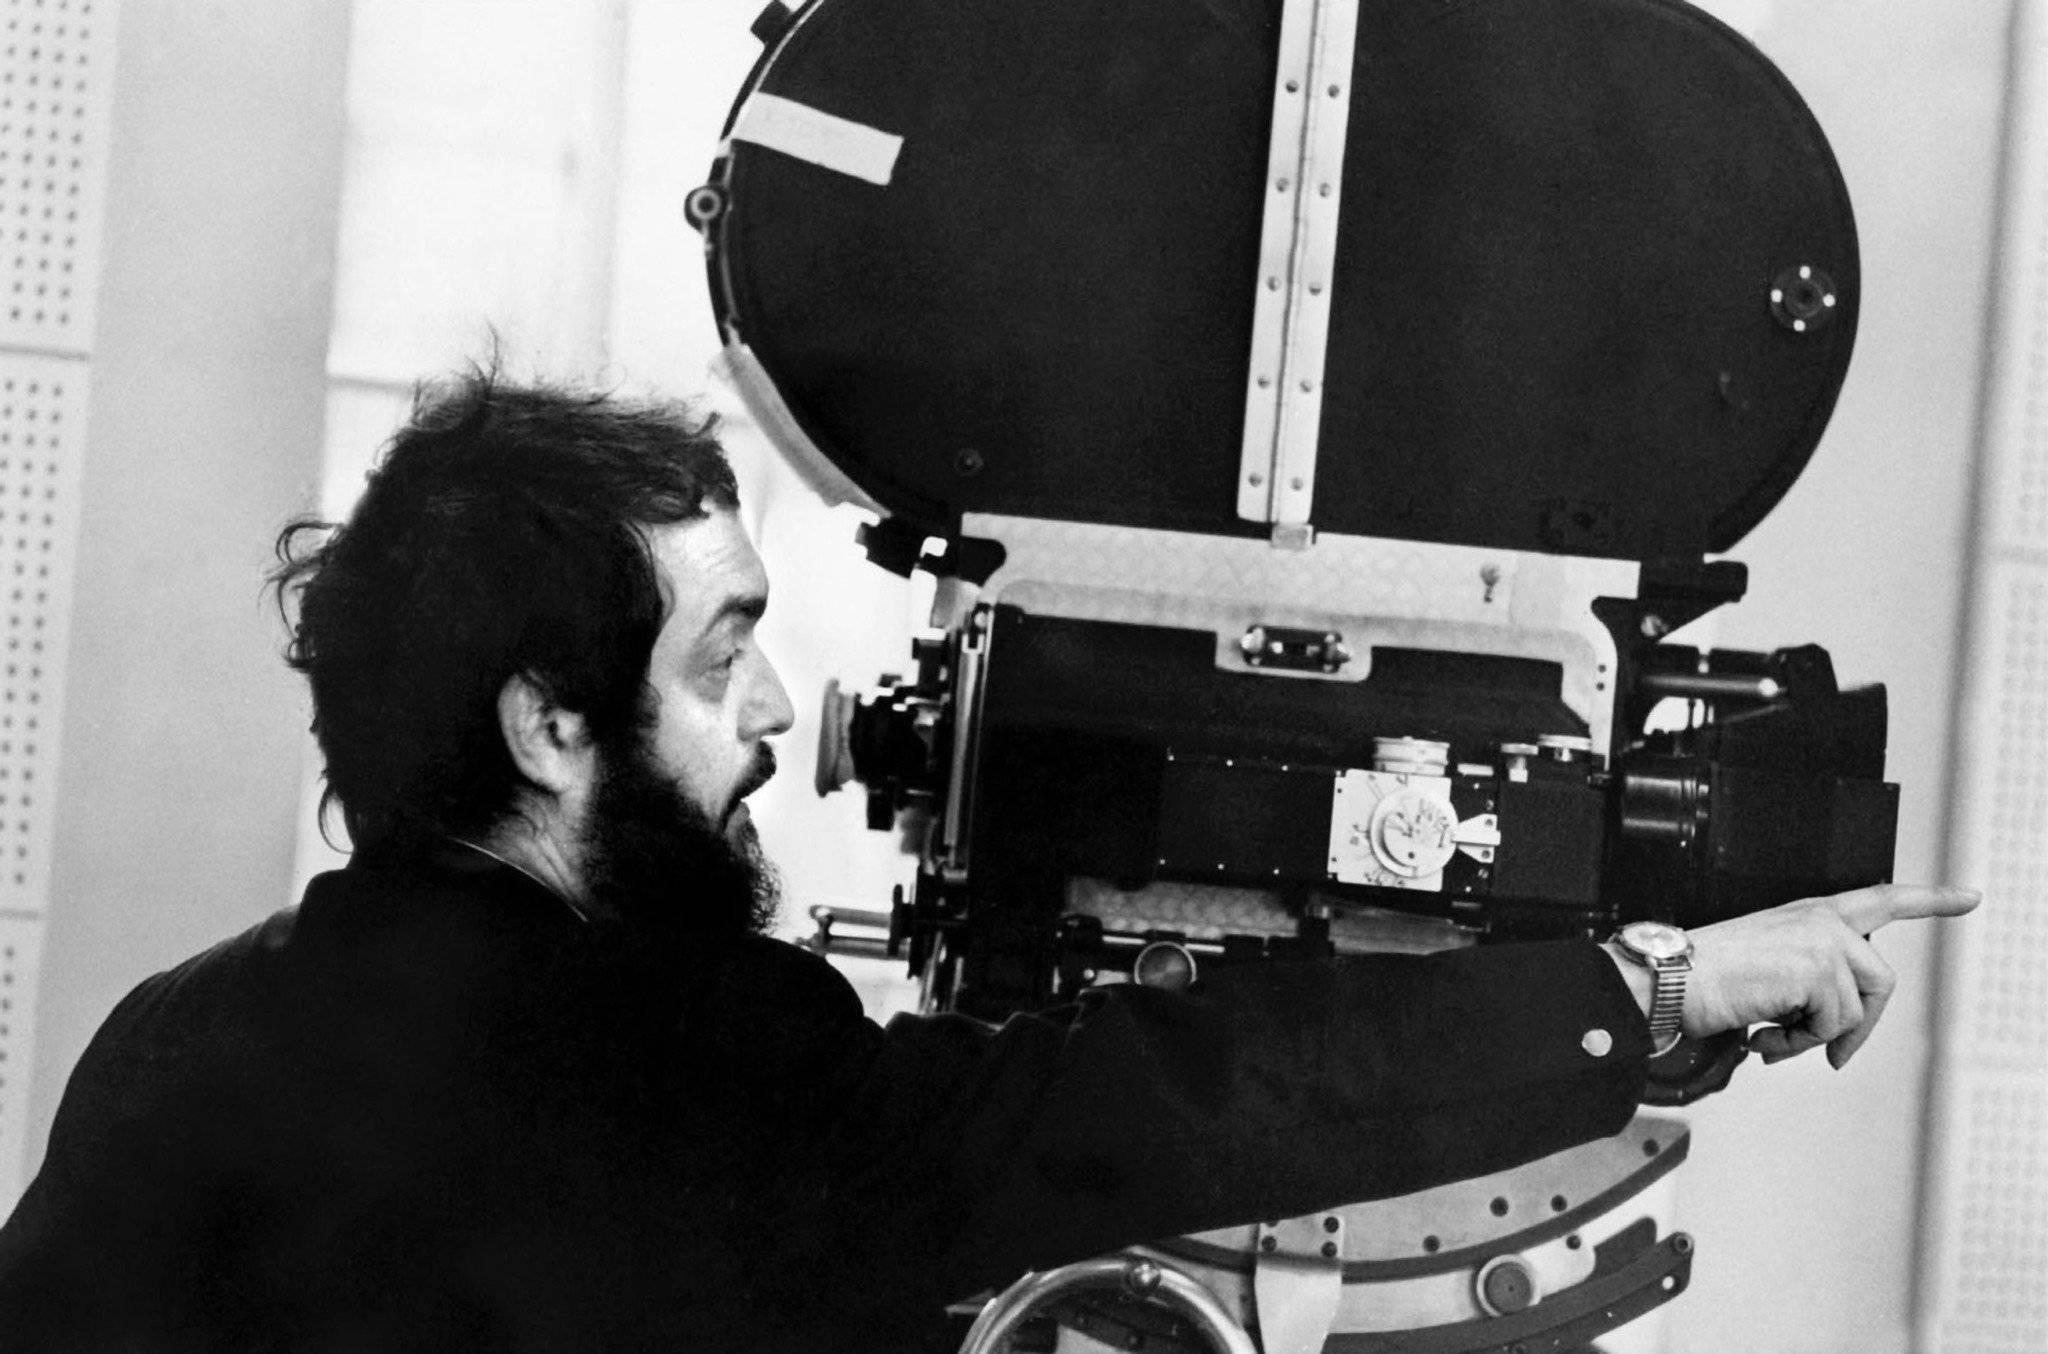 Stanley Kubrick, the film director in action  - Image via    scrapsfromtheloft.com